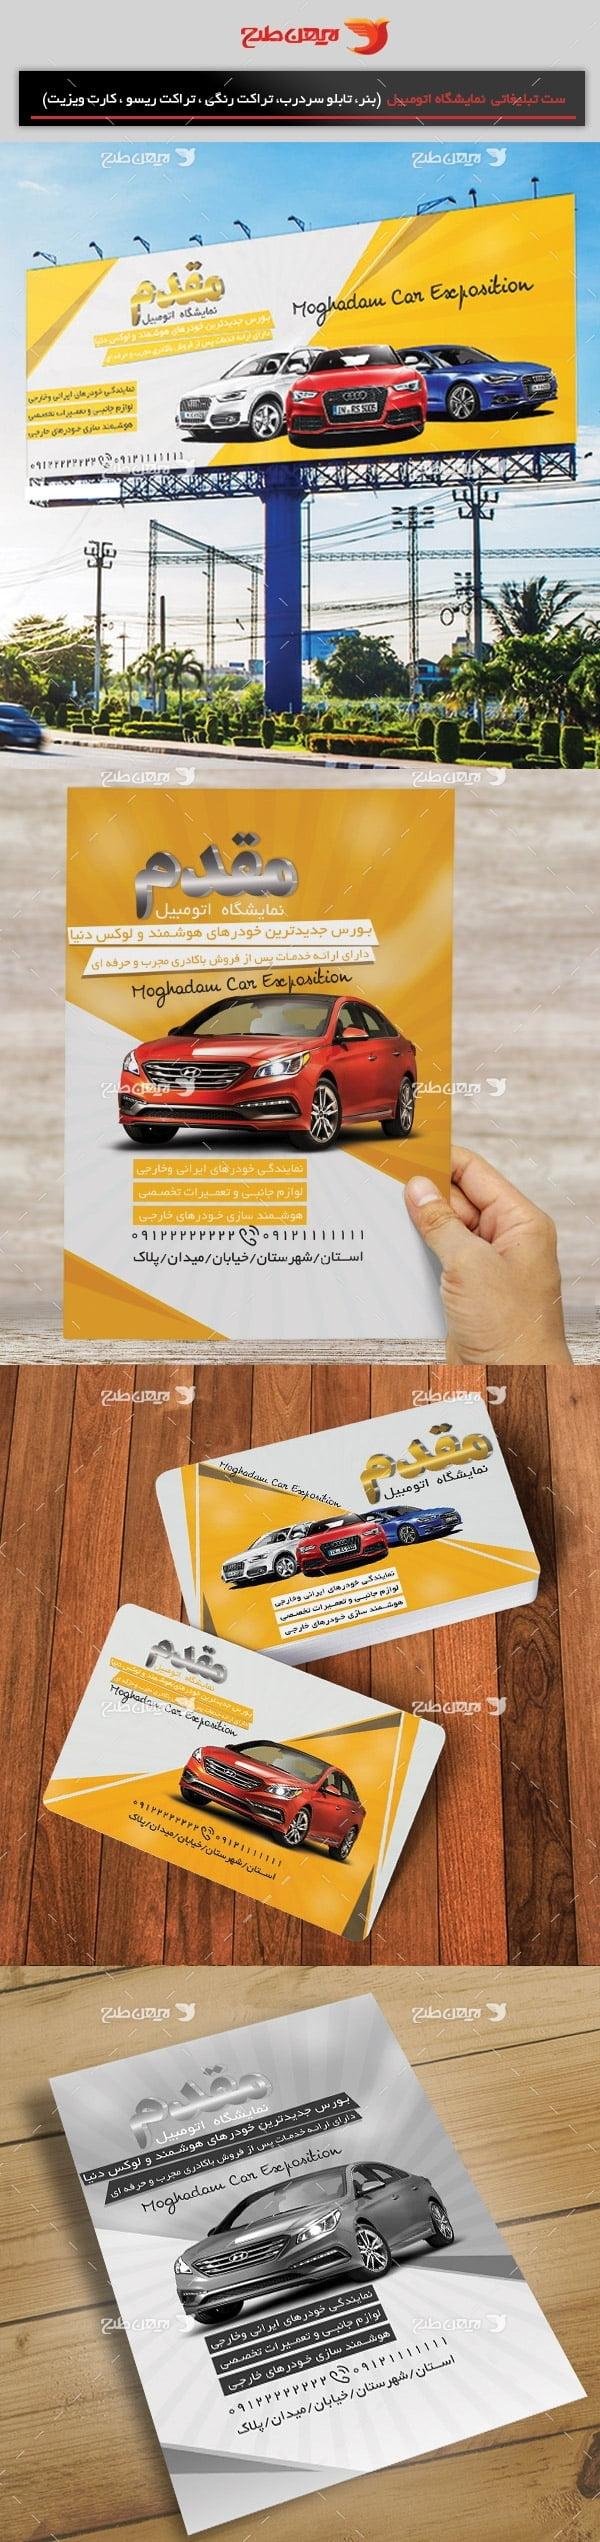 ست تبليغاتي نمایشگاه اتومبیل و ماشین ایرانی و خارجی